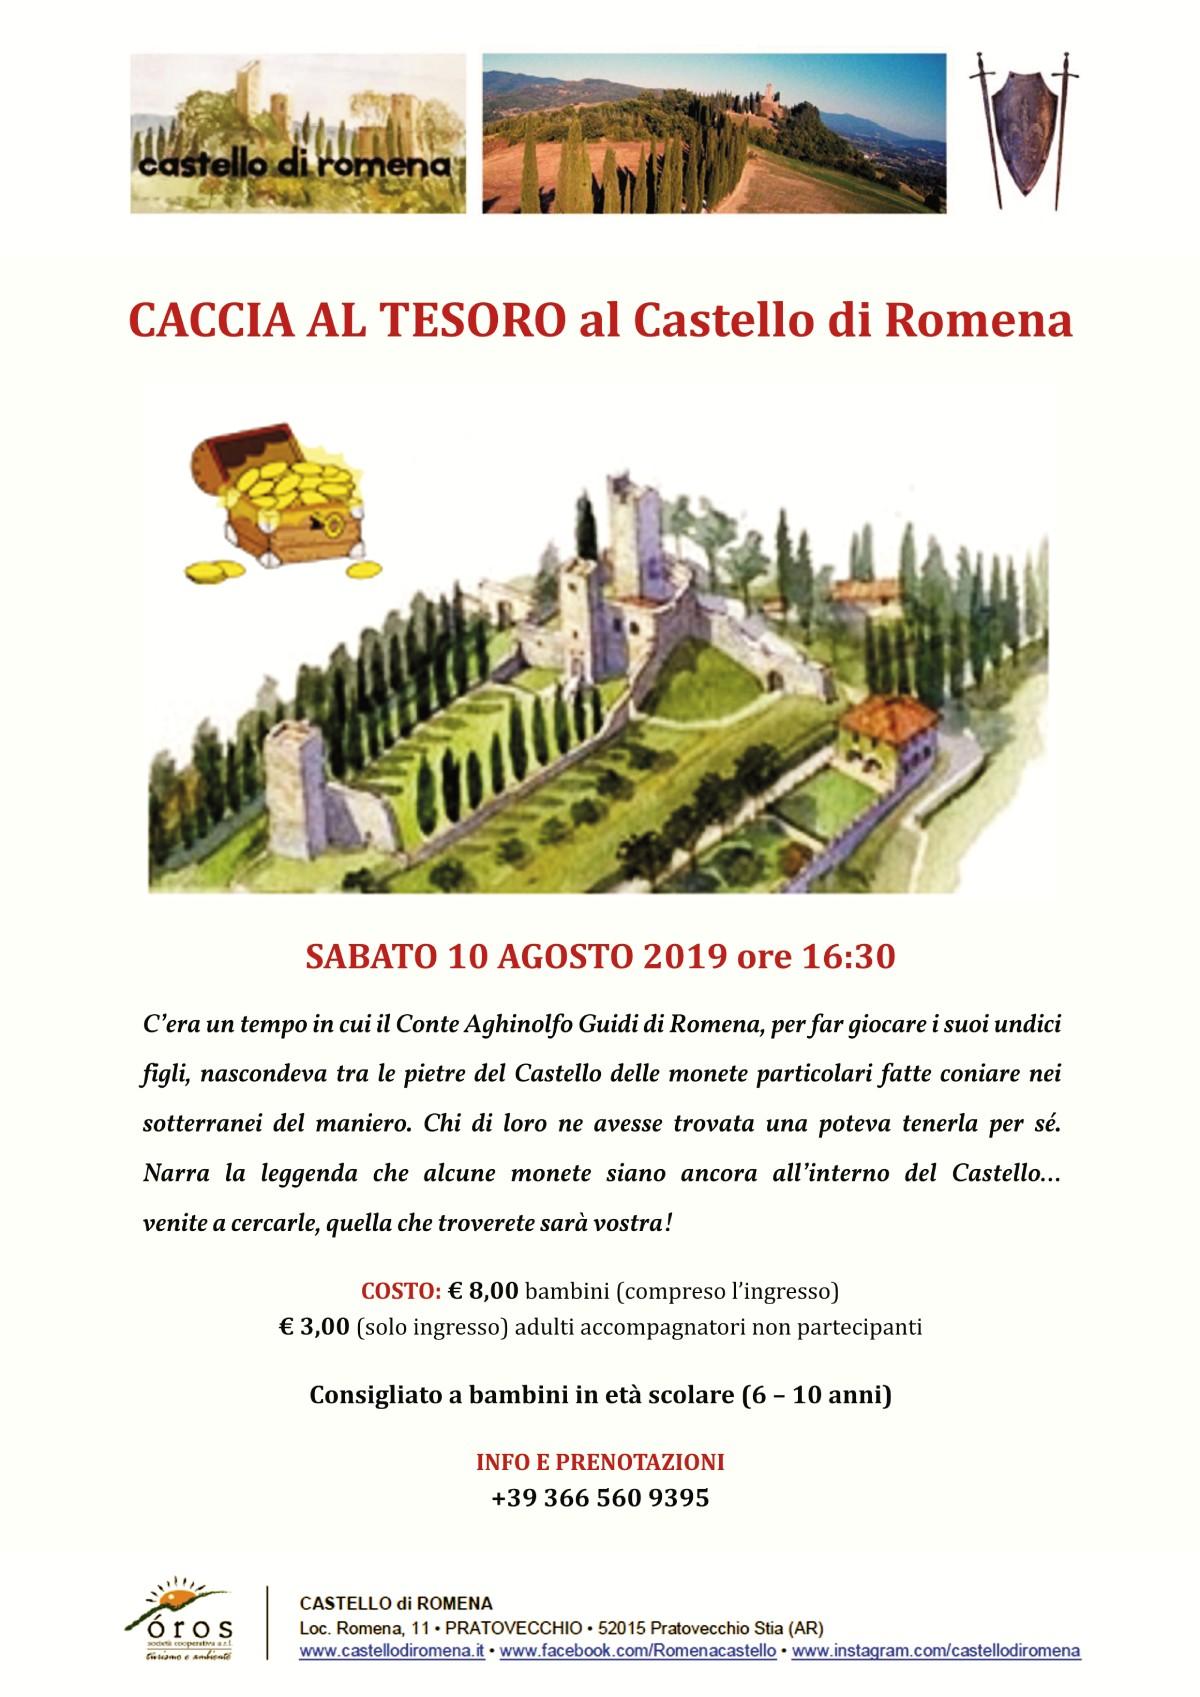 Castello di Romena 10 Agosto 2019